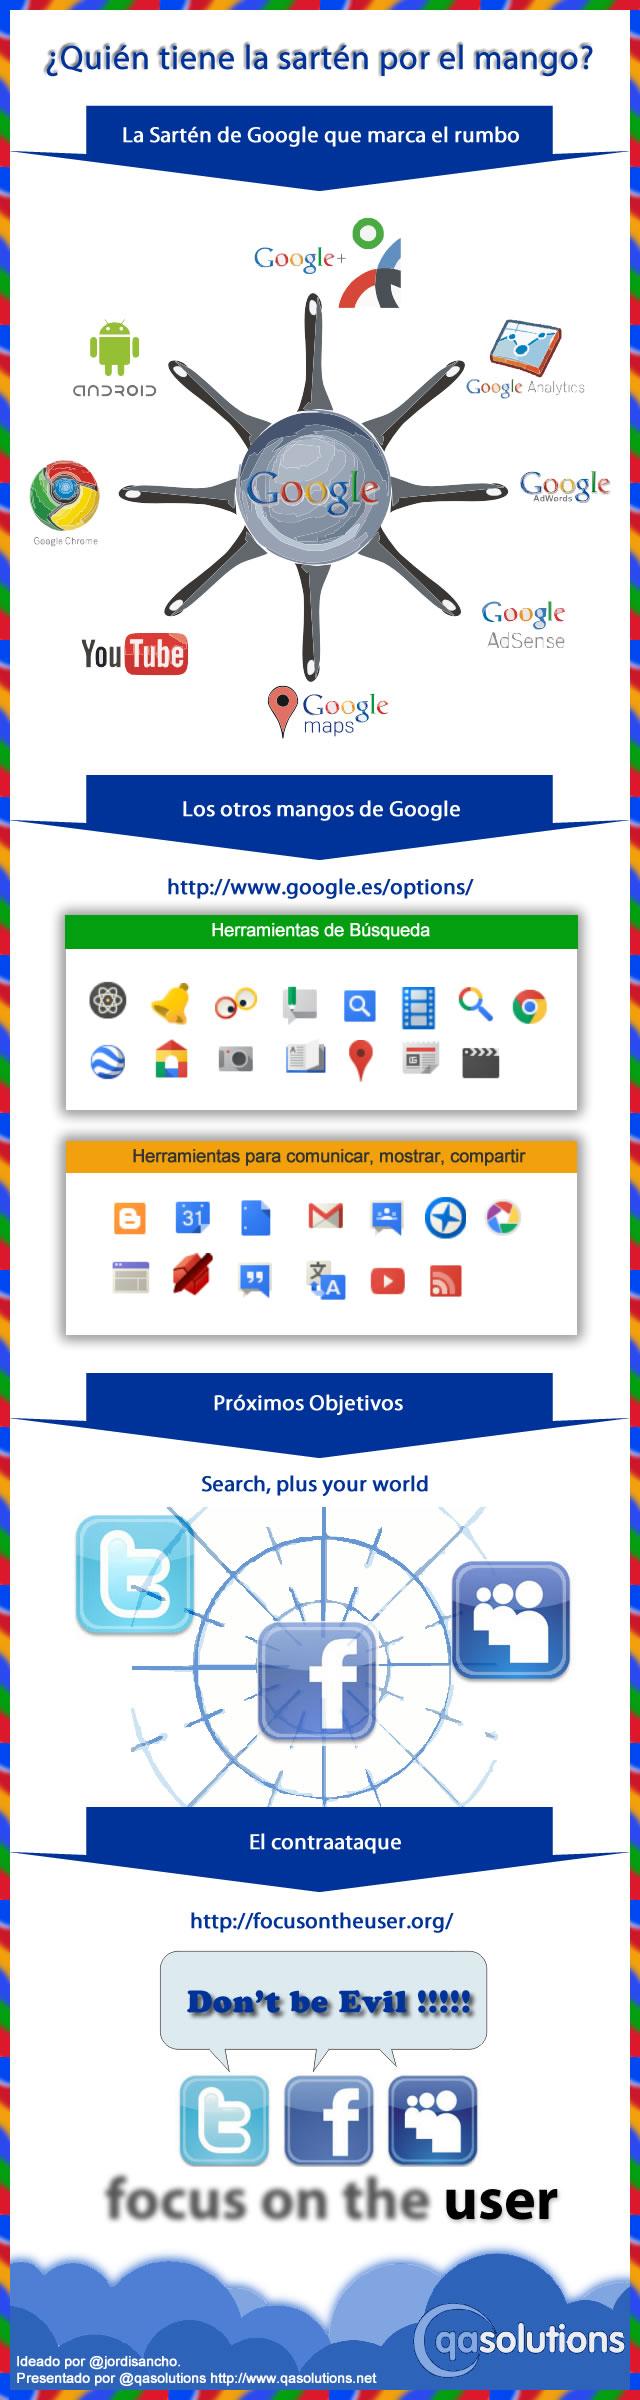 Google tiene la Sarten por el mango